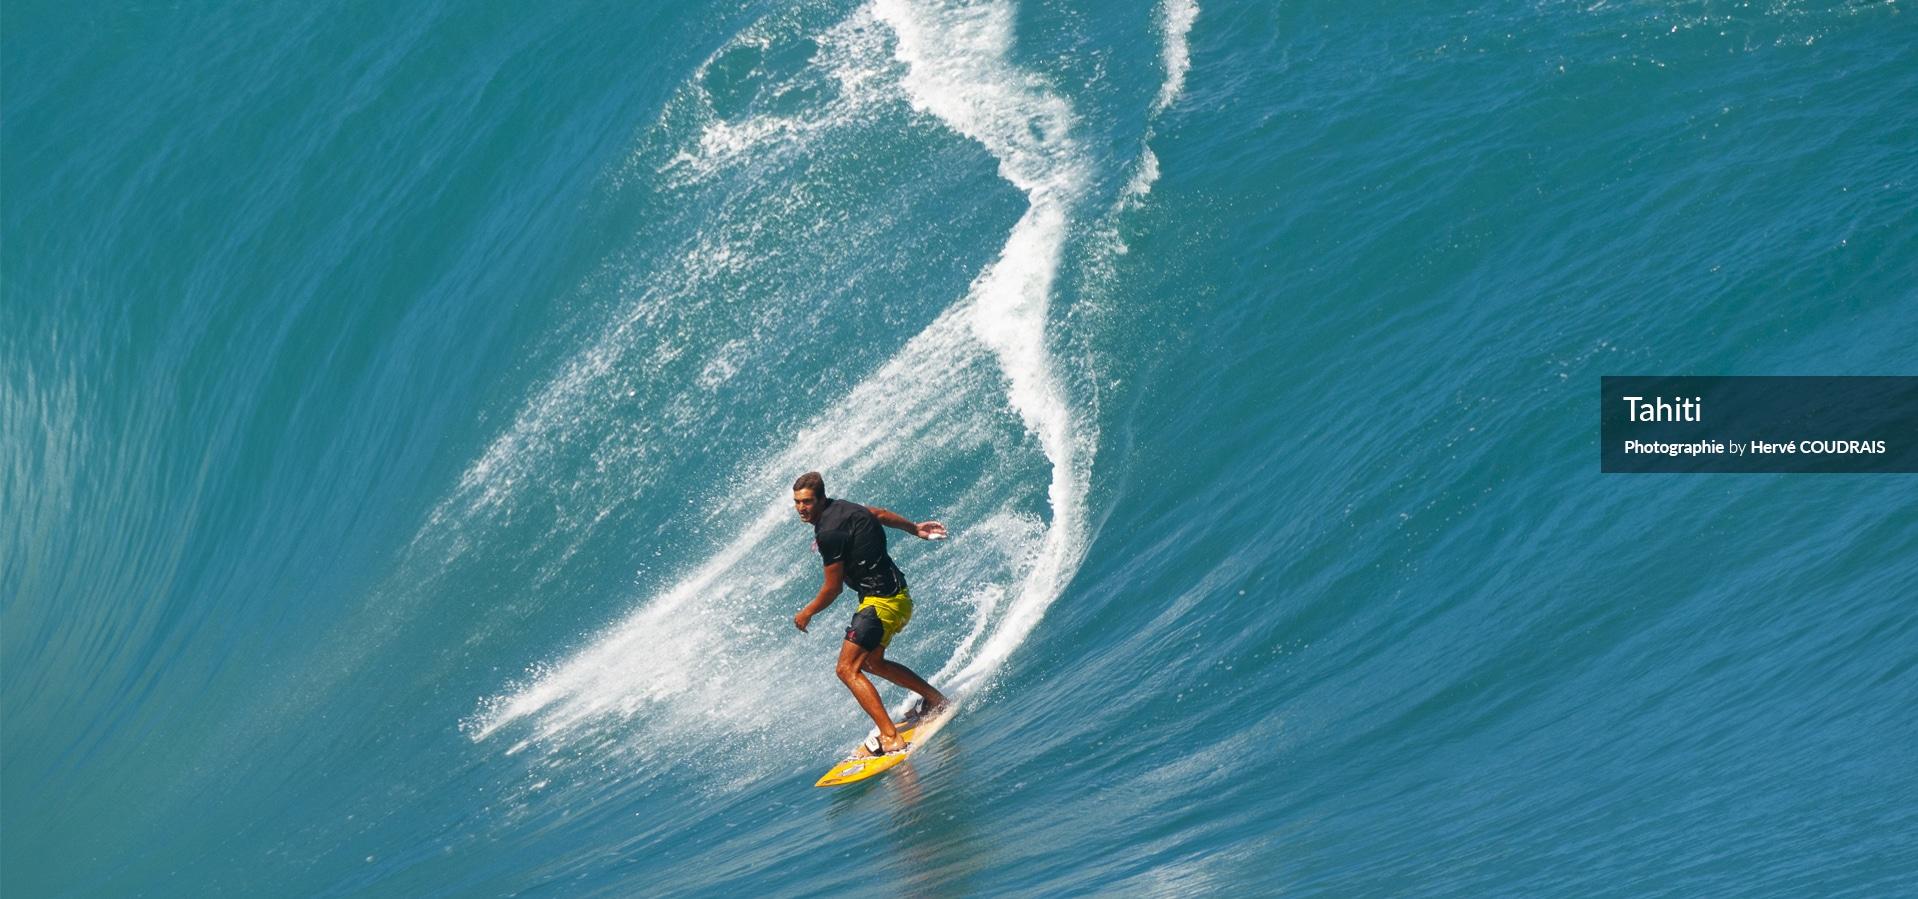 Tahiti (photographie Hervé Coudrais, Teahupoo, surf, vagues, Tahiti, Polynésie, Polynésie française, fenua...)